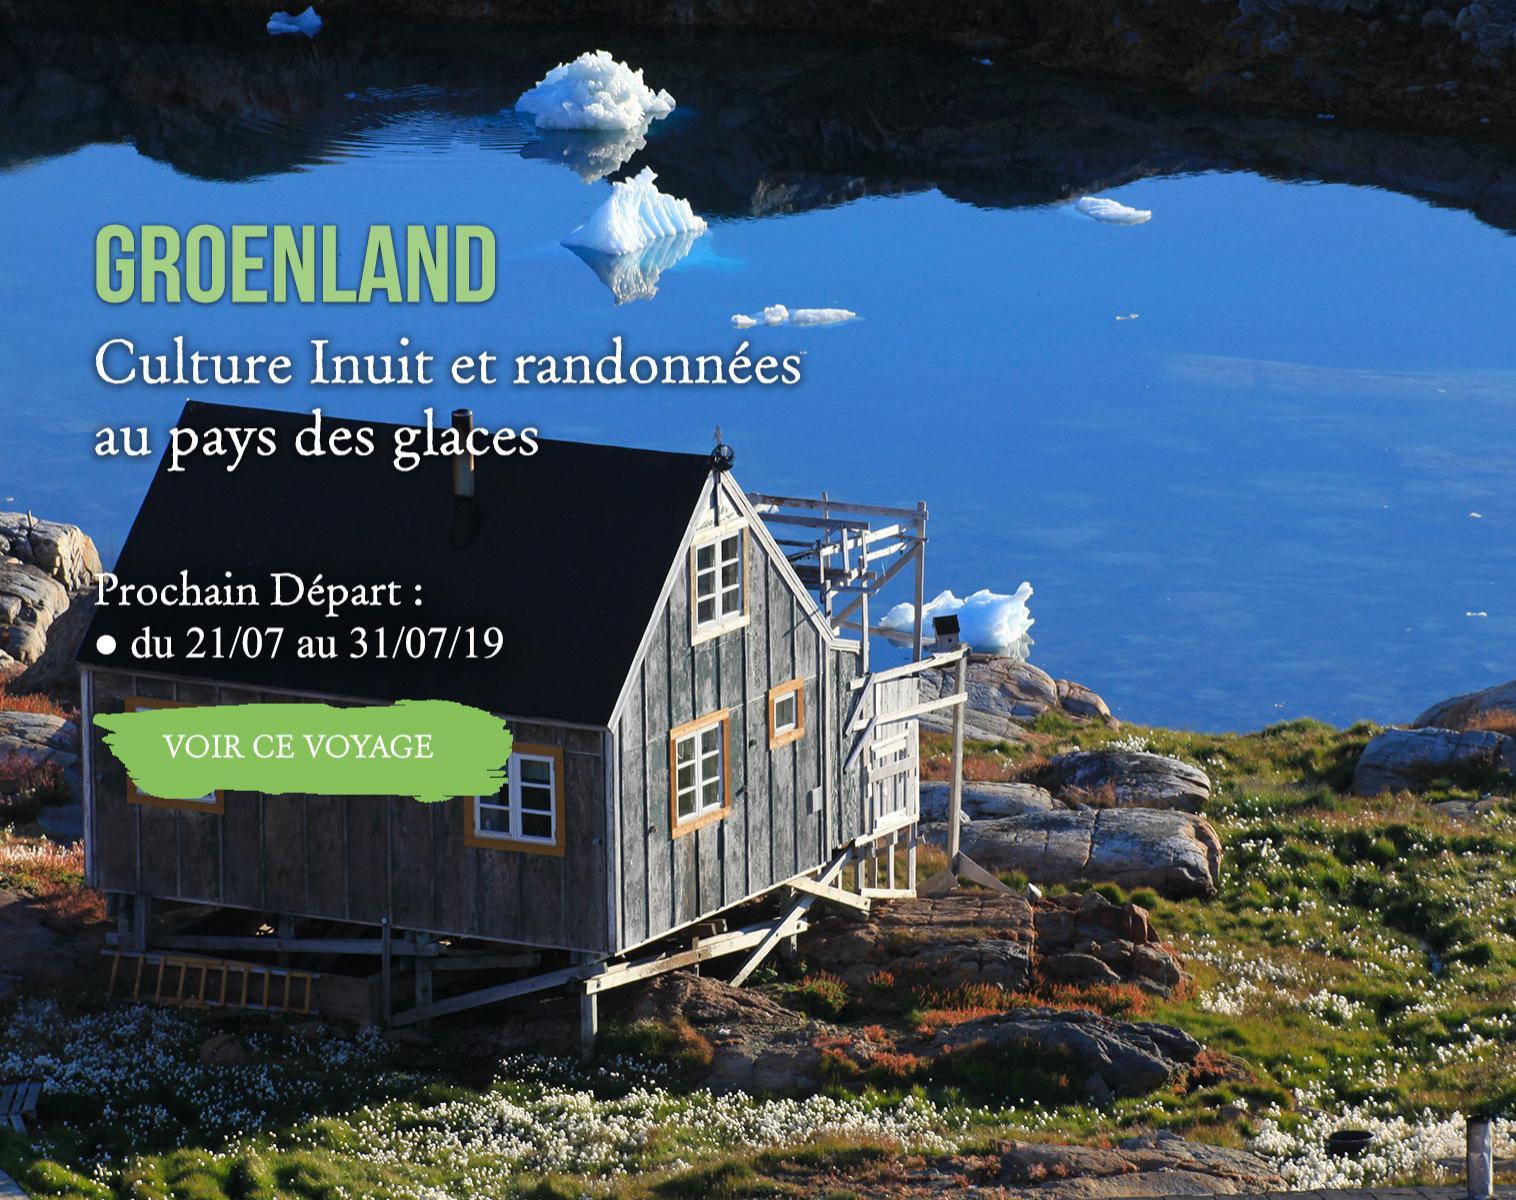 Groenland, Culture Inuit et randonnées au pays des glaces